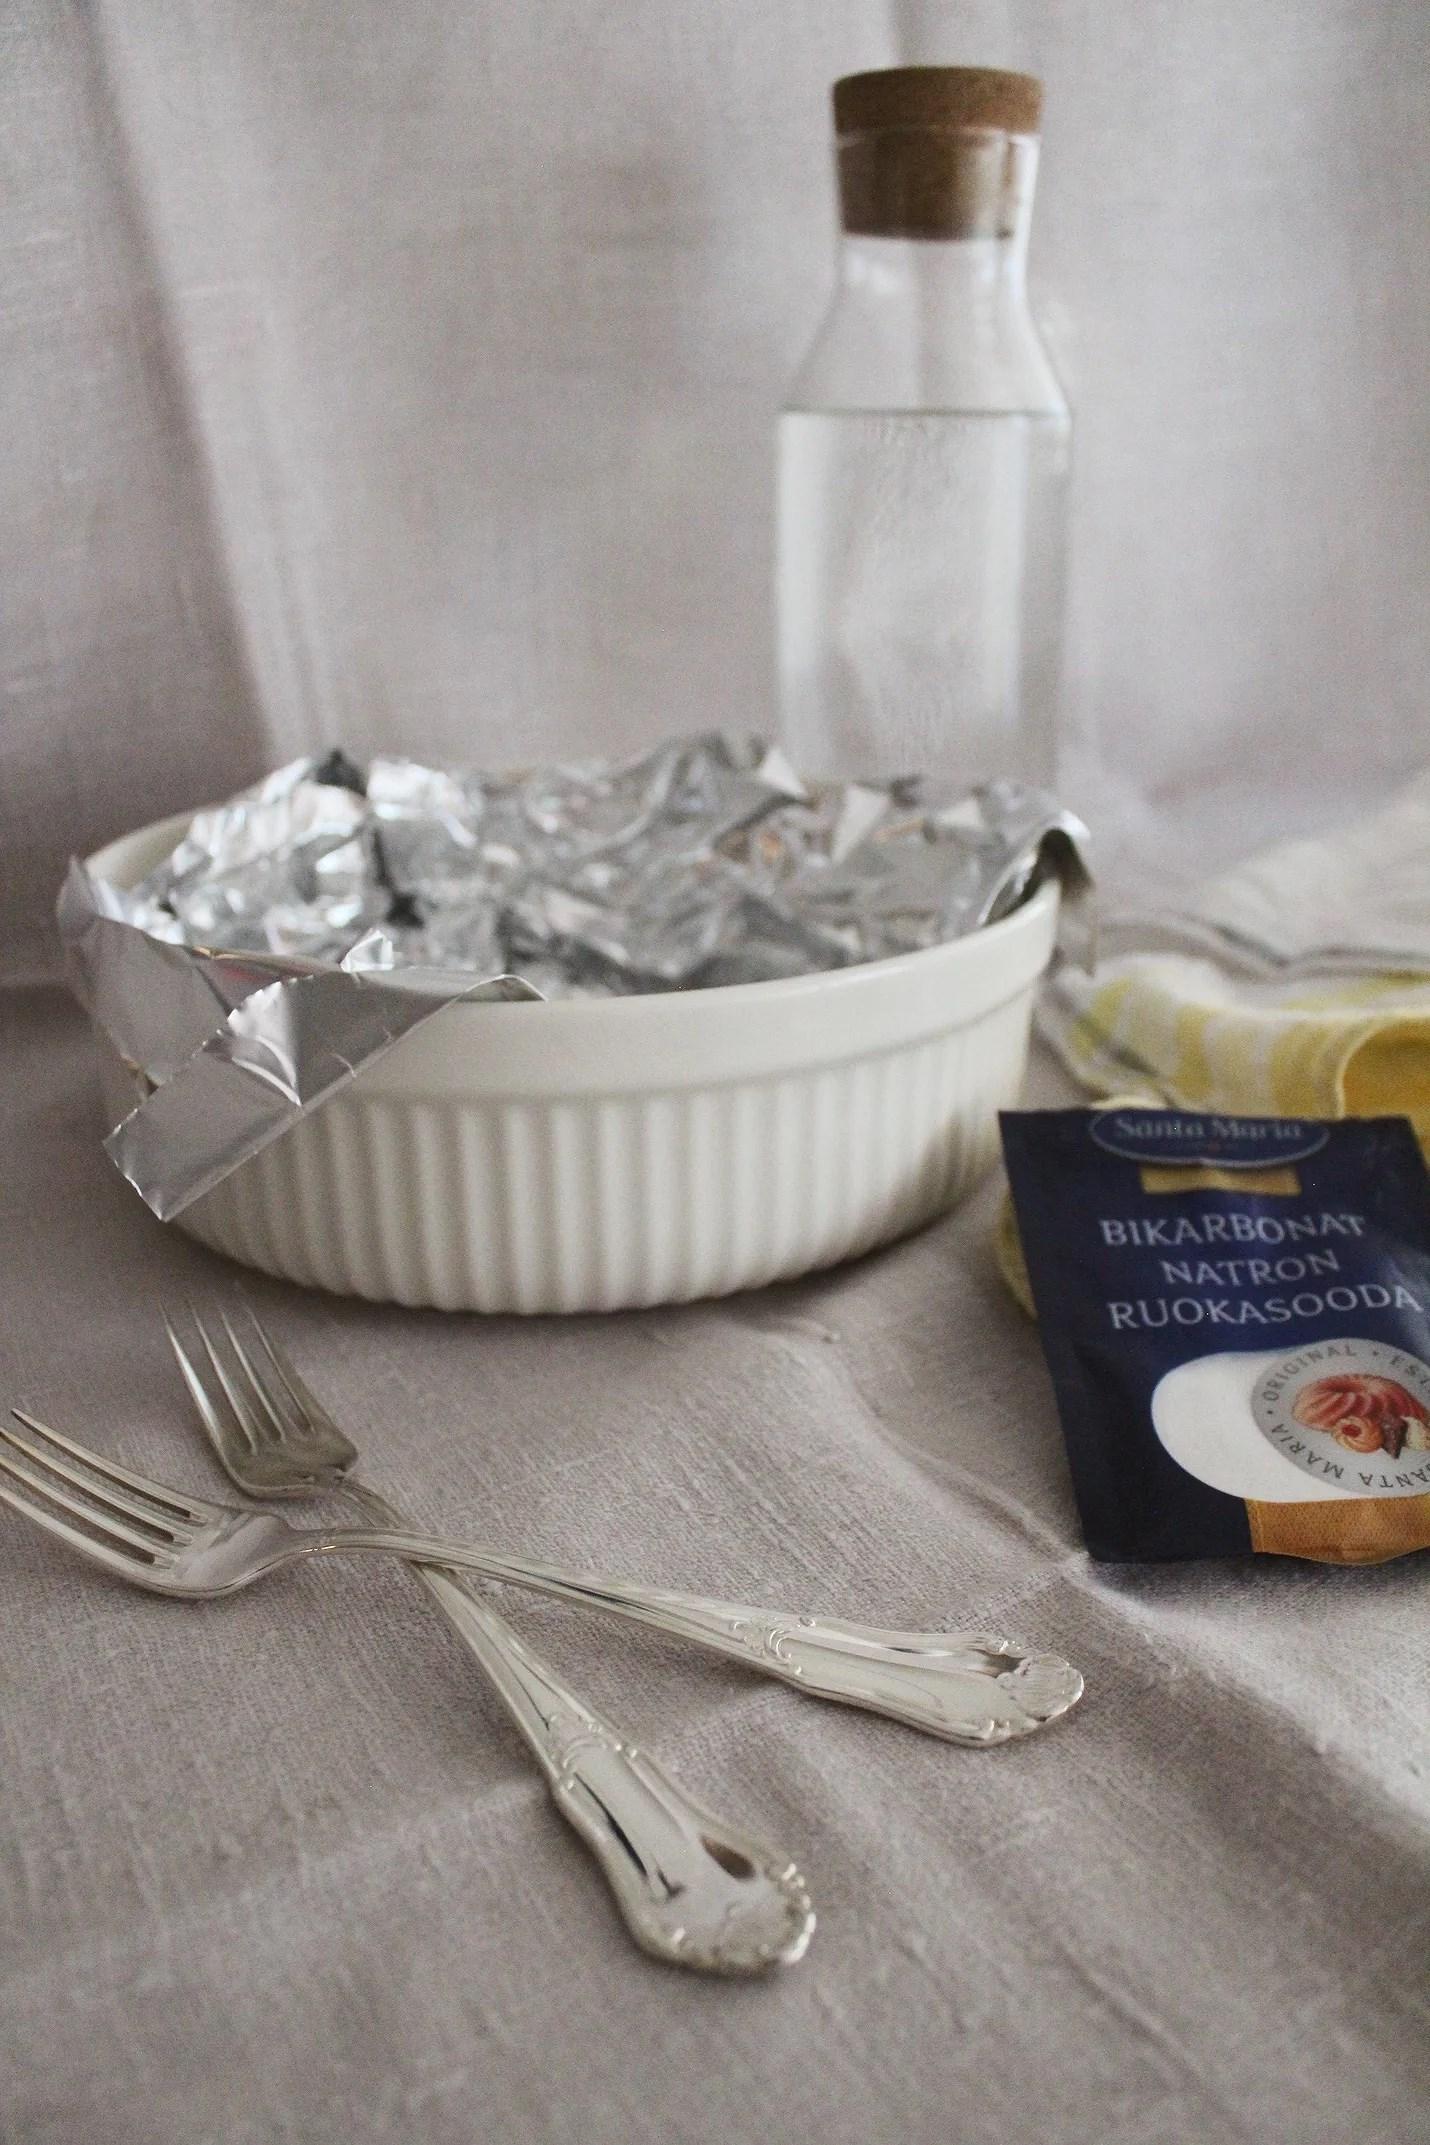 Putsa silver - enkelt och miljösnällt